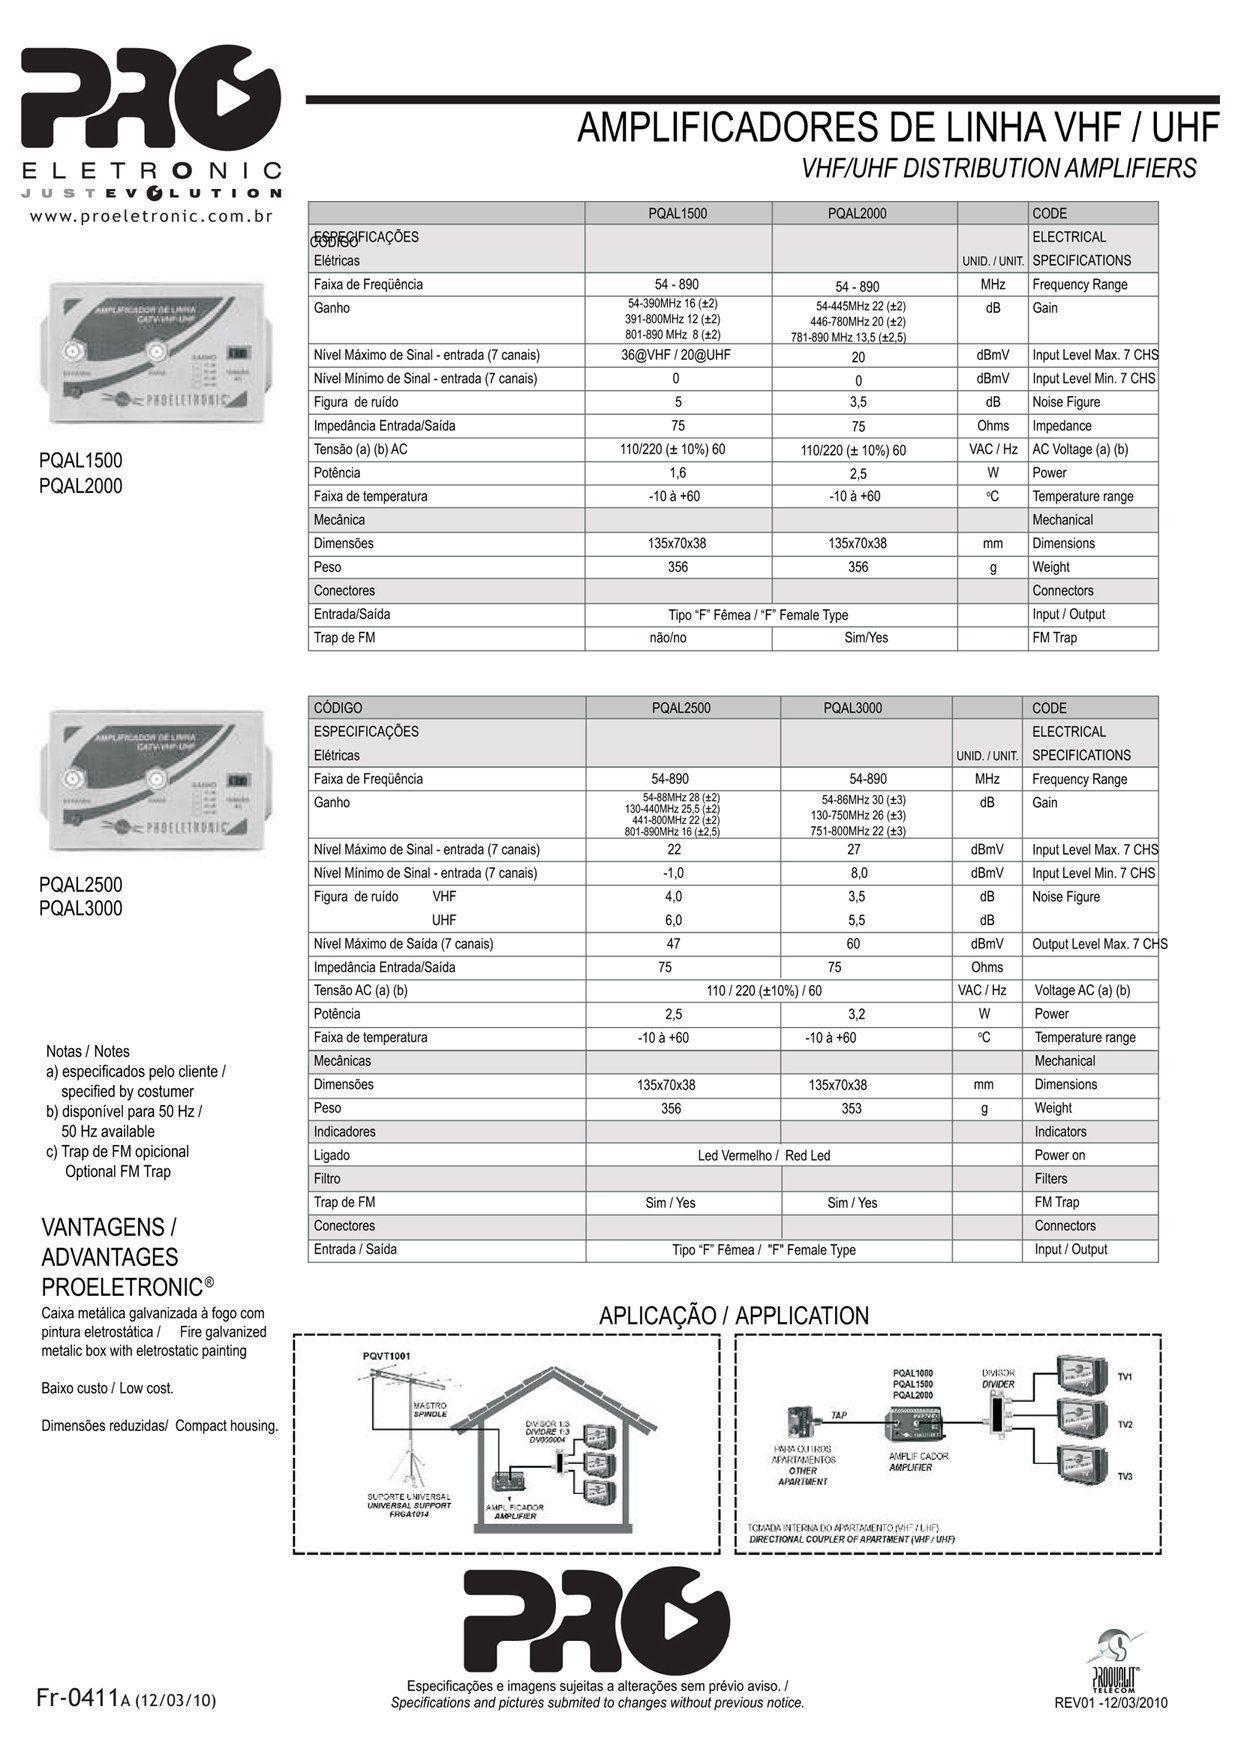 Amplificador De Linha Vhf/ Uhf/ Catv 20 Db Bivolt PQAL-2000  - EMPORIO K